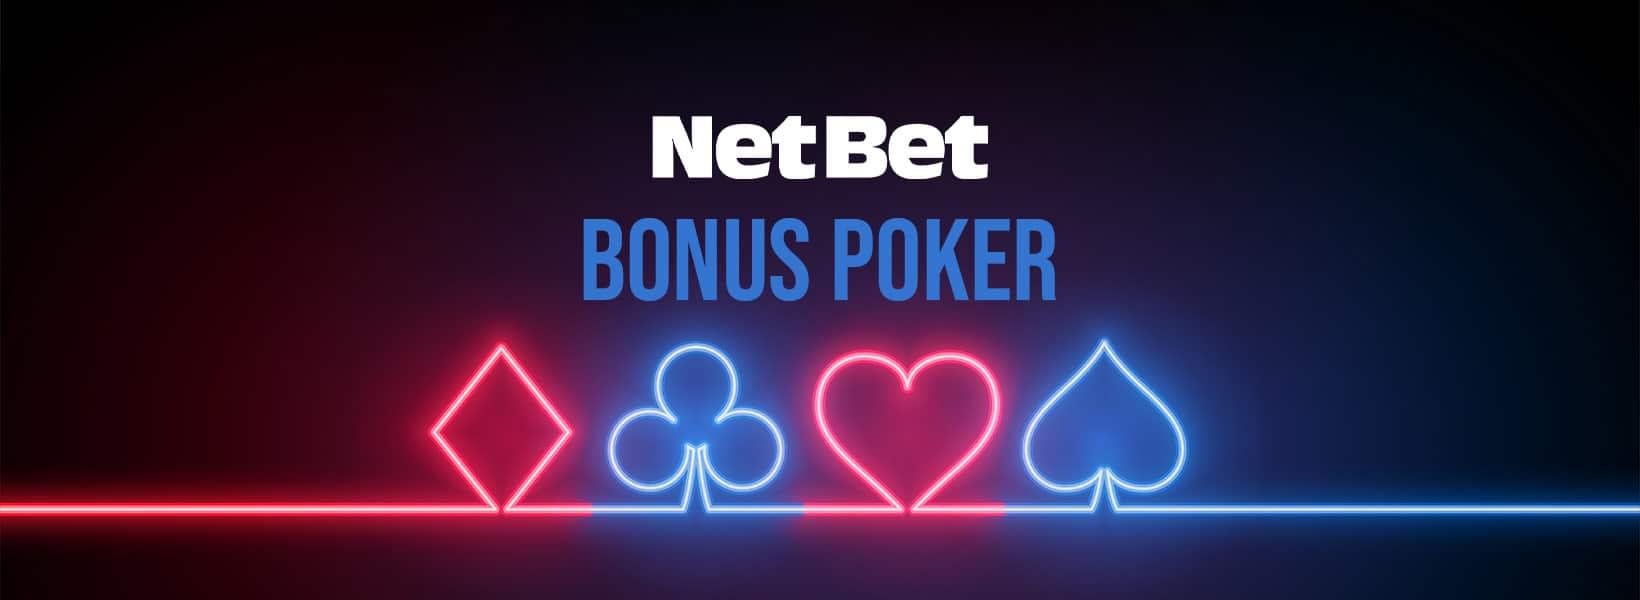 netbet poker online